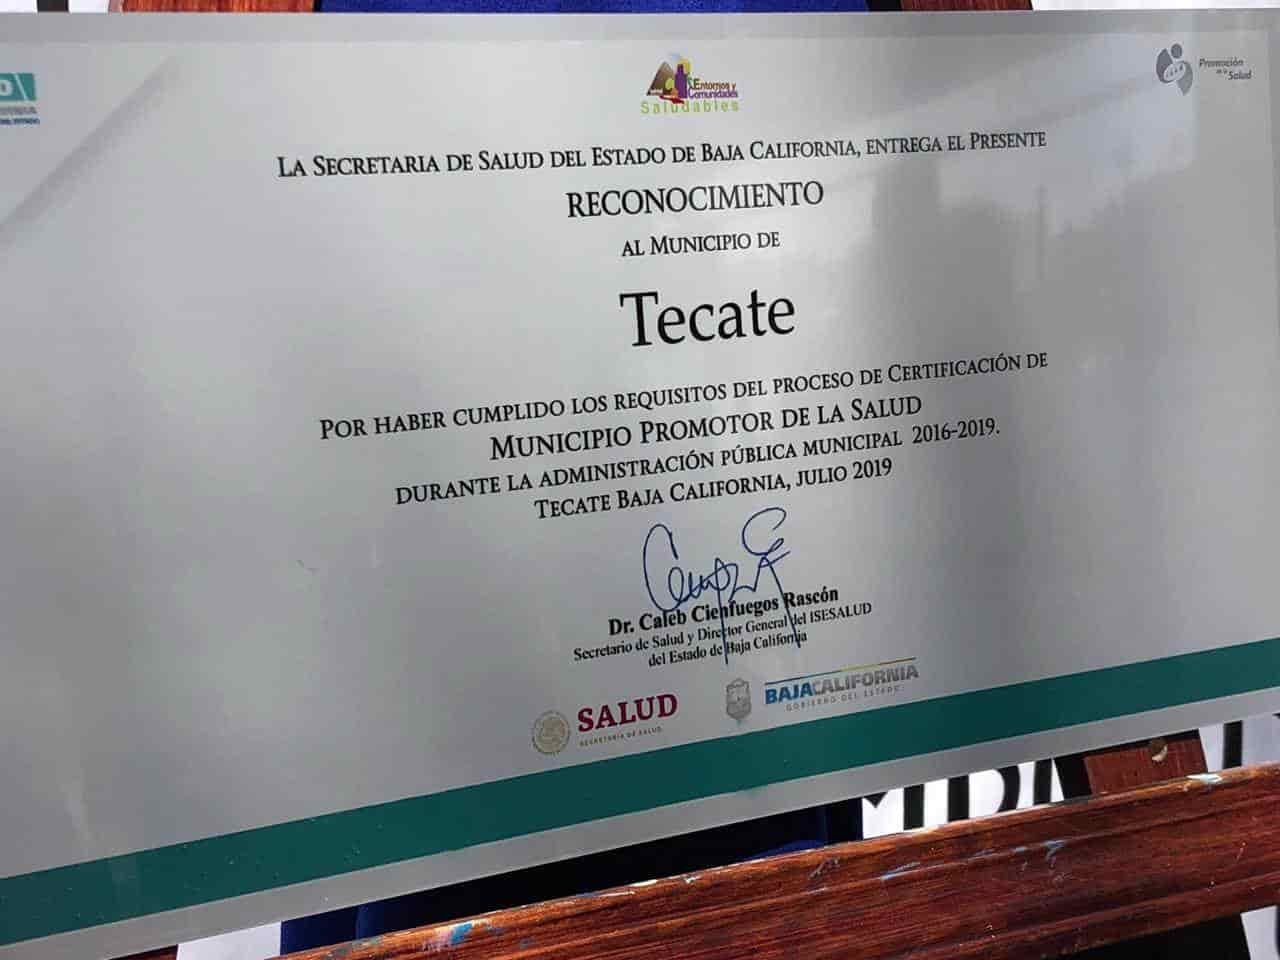 Certifican a Tecate como un municipio promotor de la salud